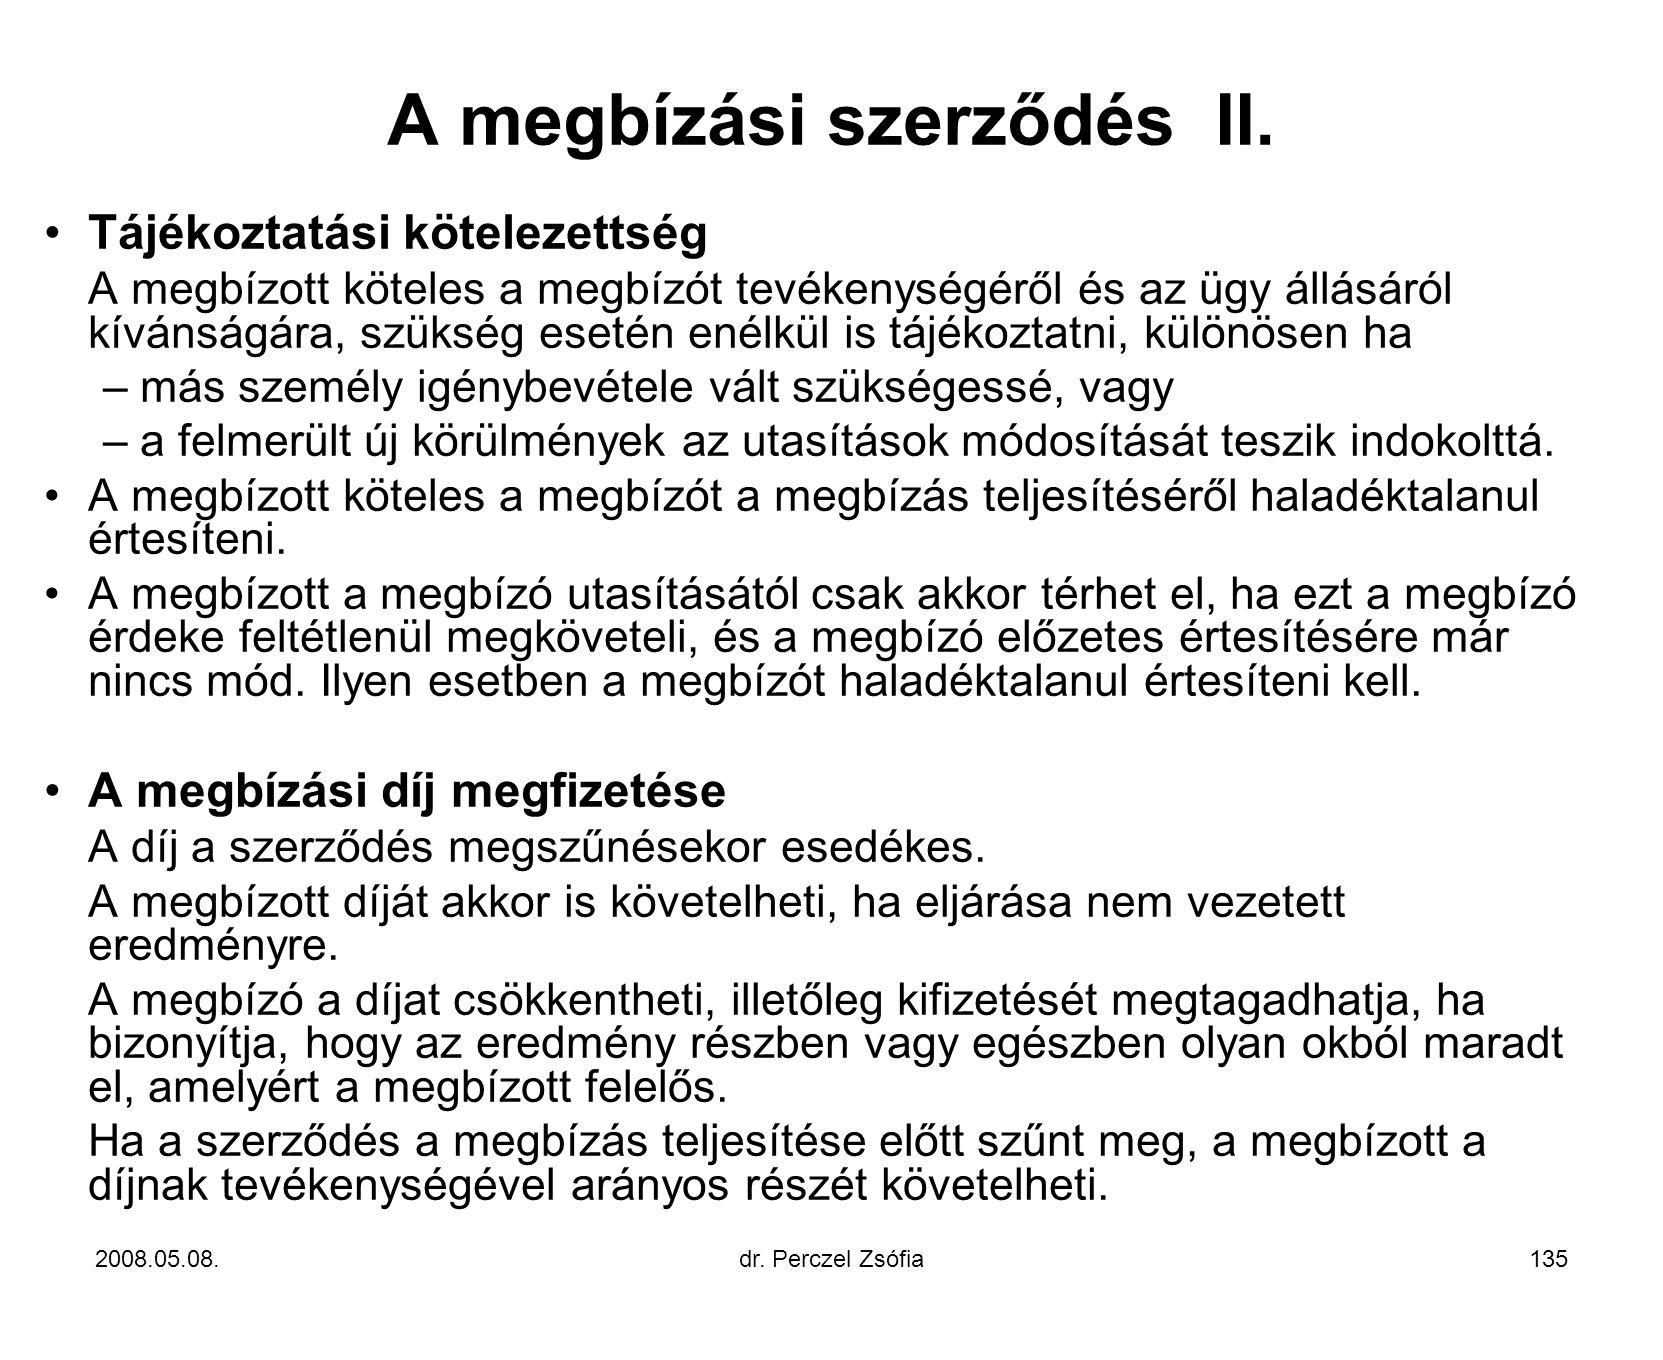 A megbízási szerződés II.